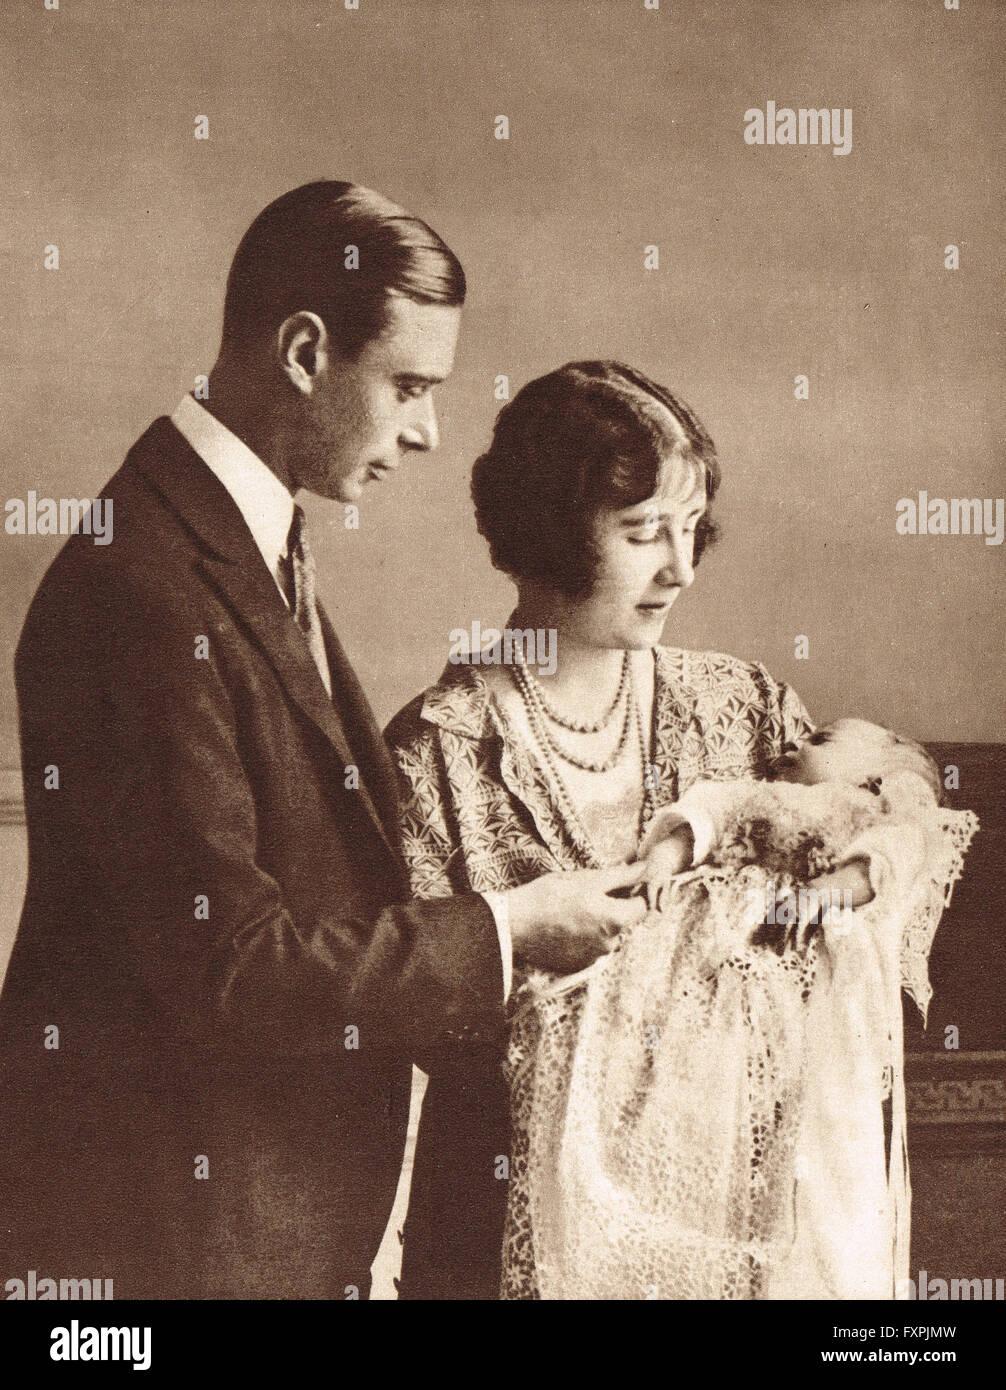 Prinzessin Elizabeth, die Zukunft Königin Elizabeth II als ein Baby.  Taufe von 1926 Stockbild